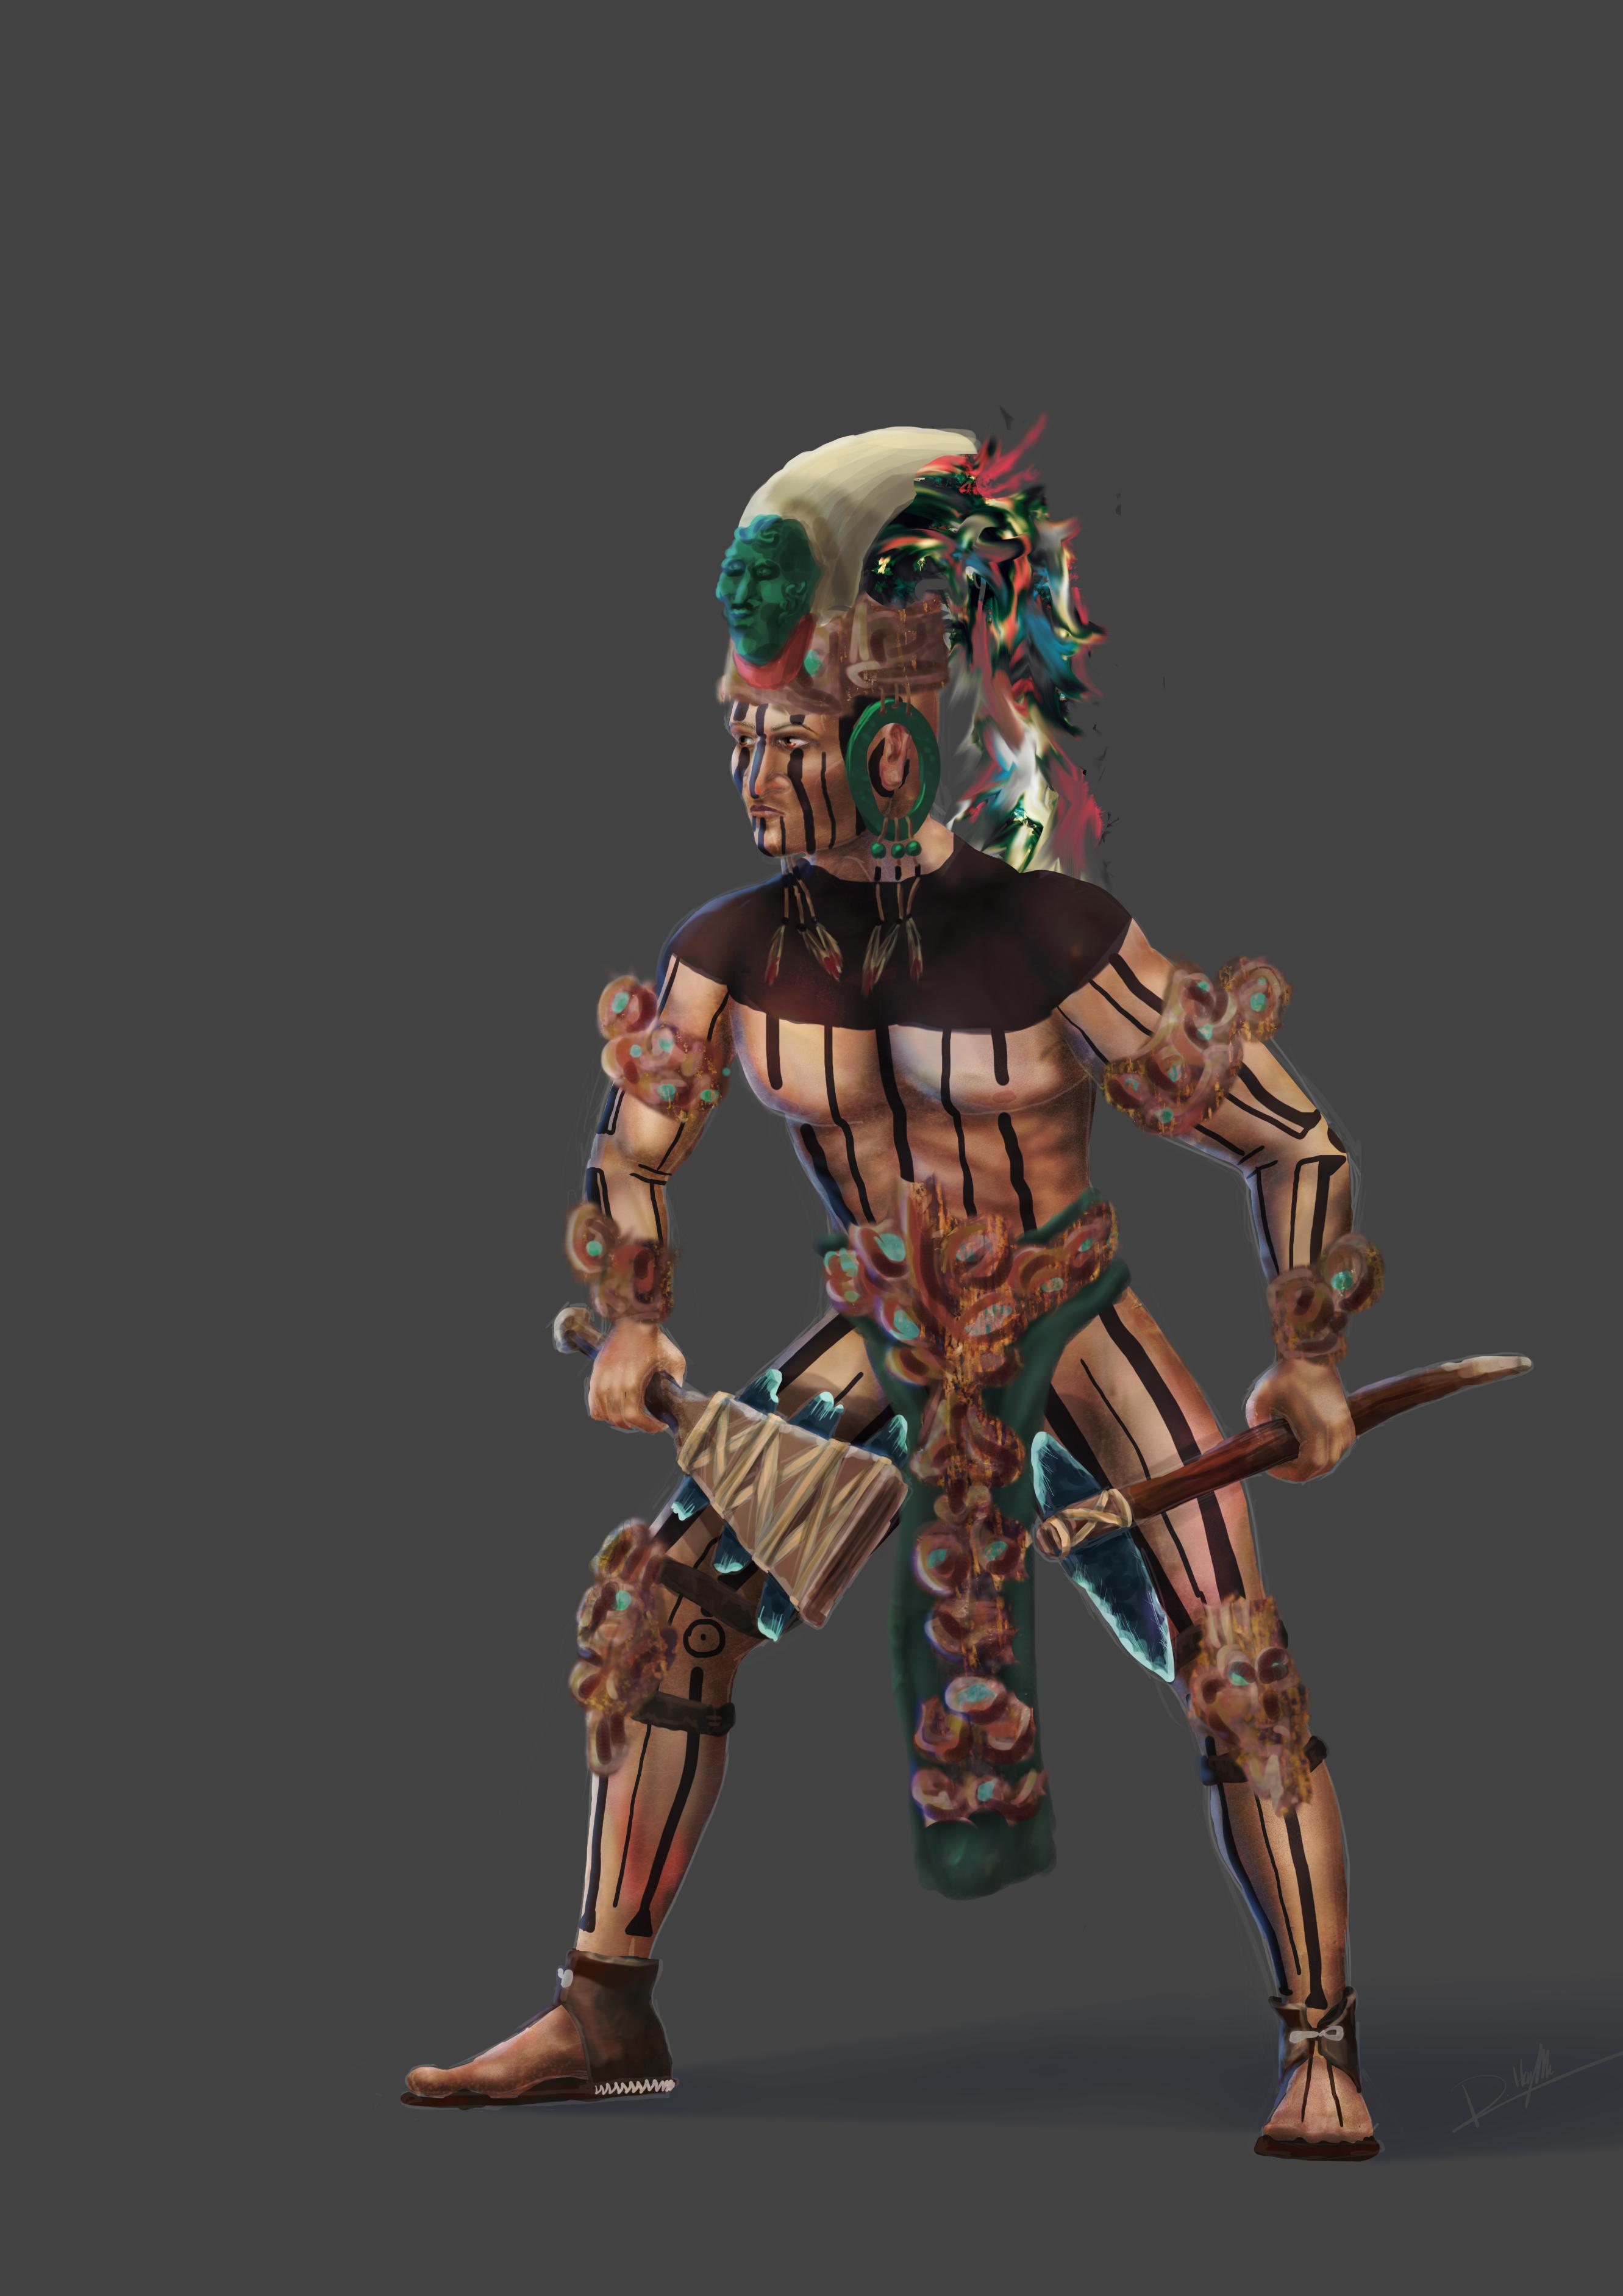 Mayan Warrior 002 Concept by CentificGrafics on DeviantArt